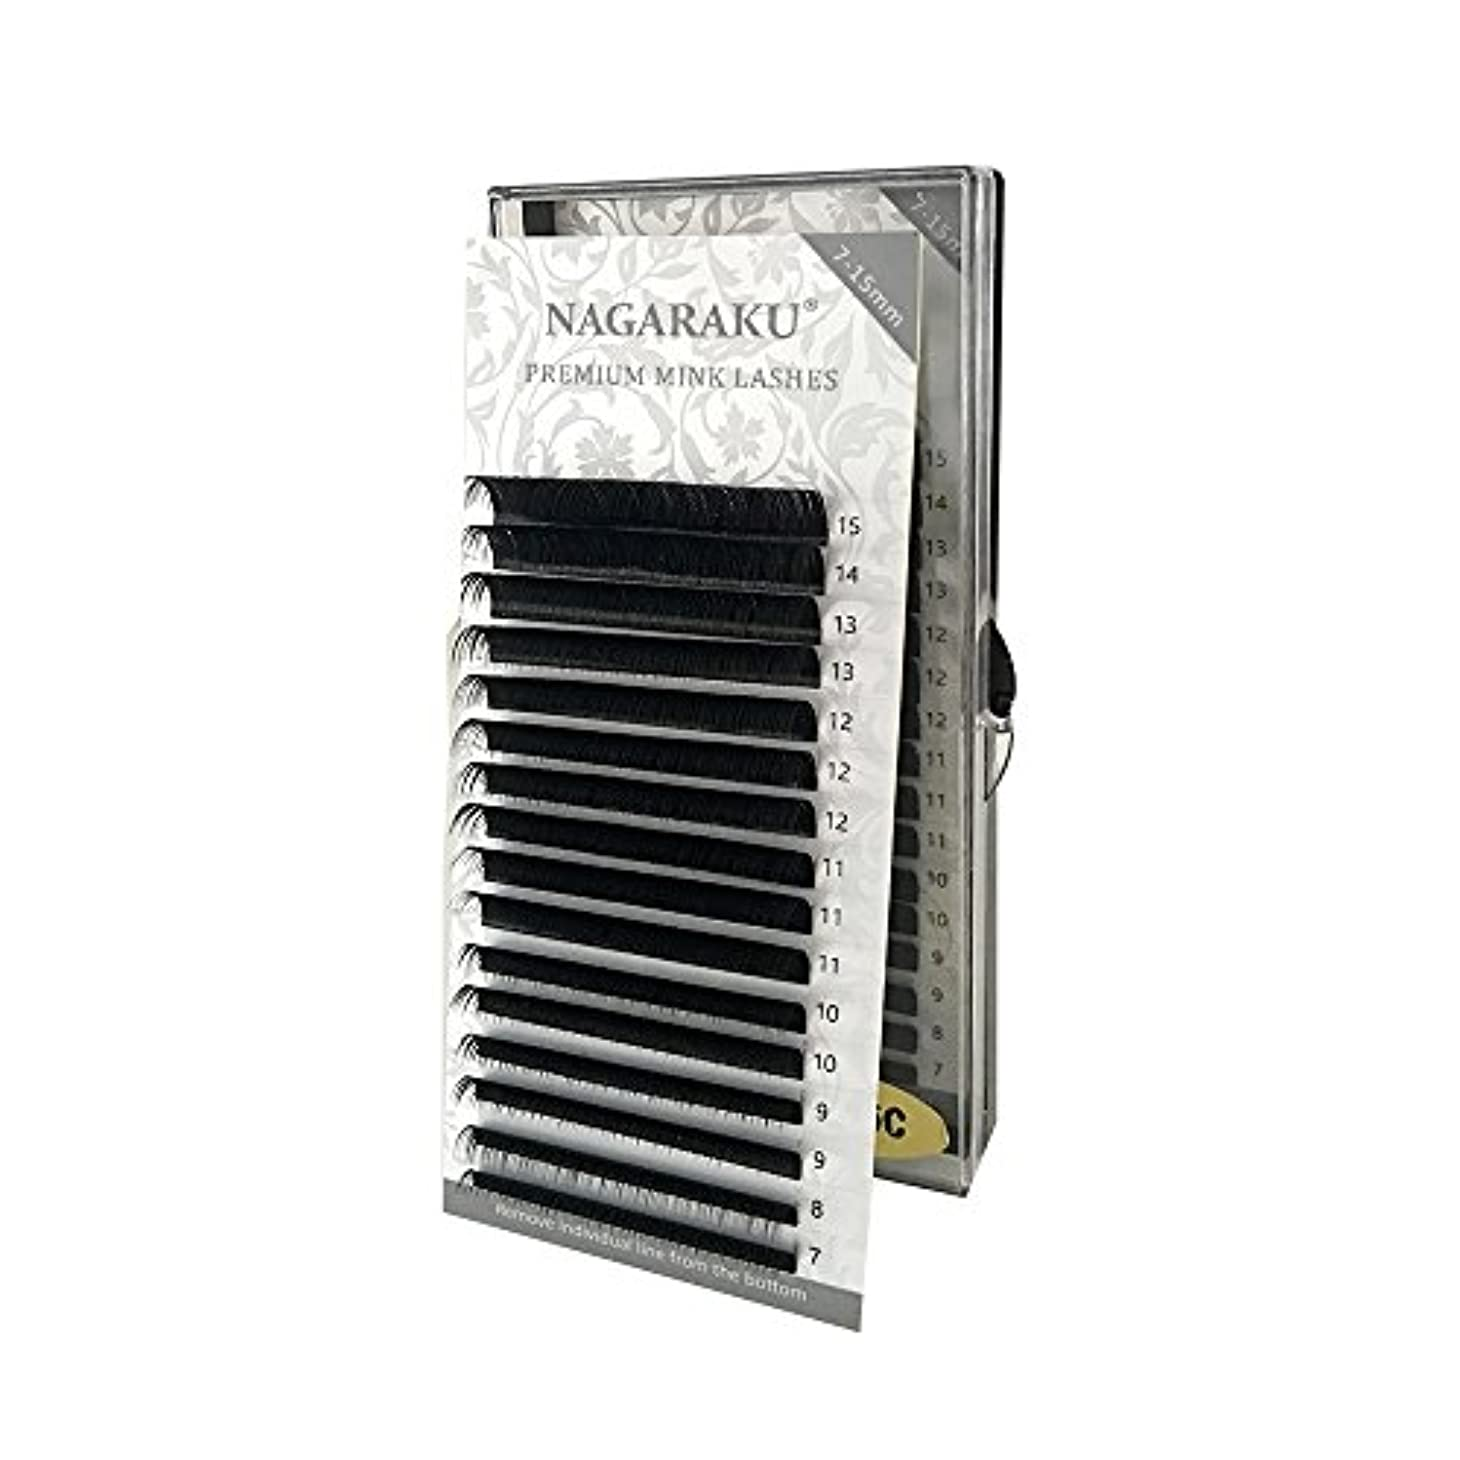 ホステスマラドロイト方法論NAGARAKU 太さ0.10mm Cカール 7~15mmミックス まつげエクステ